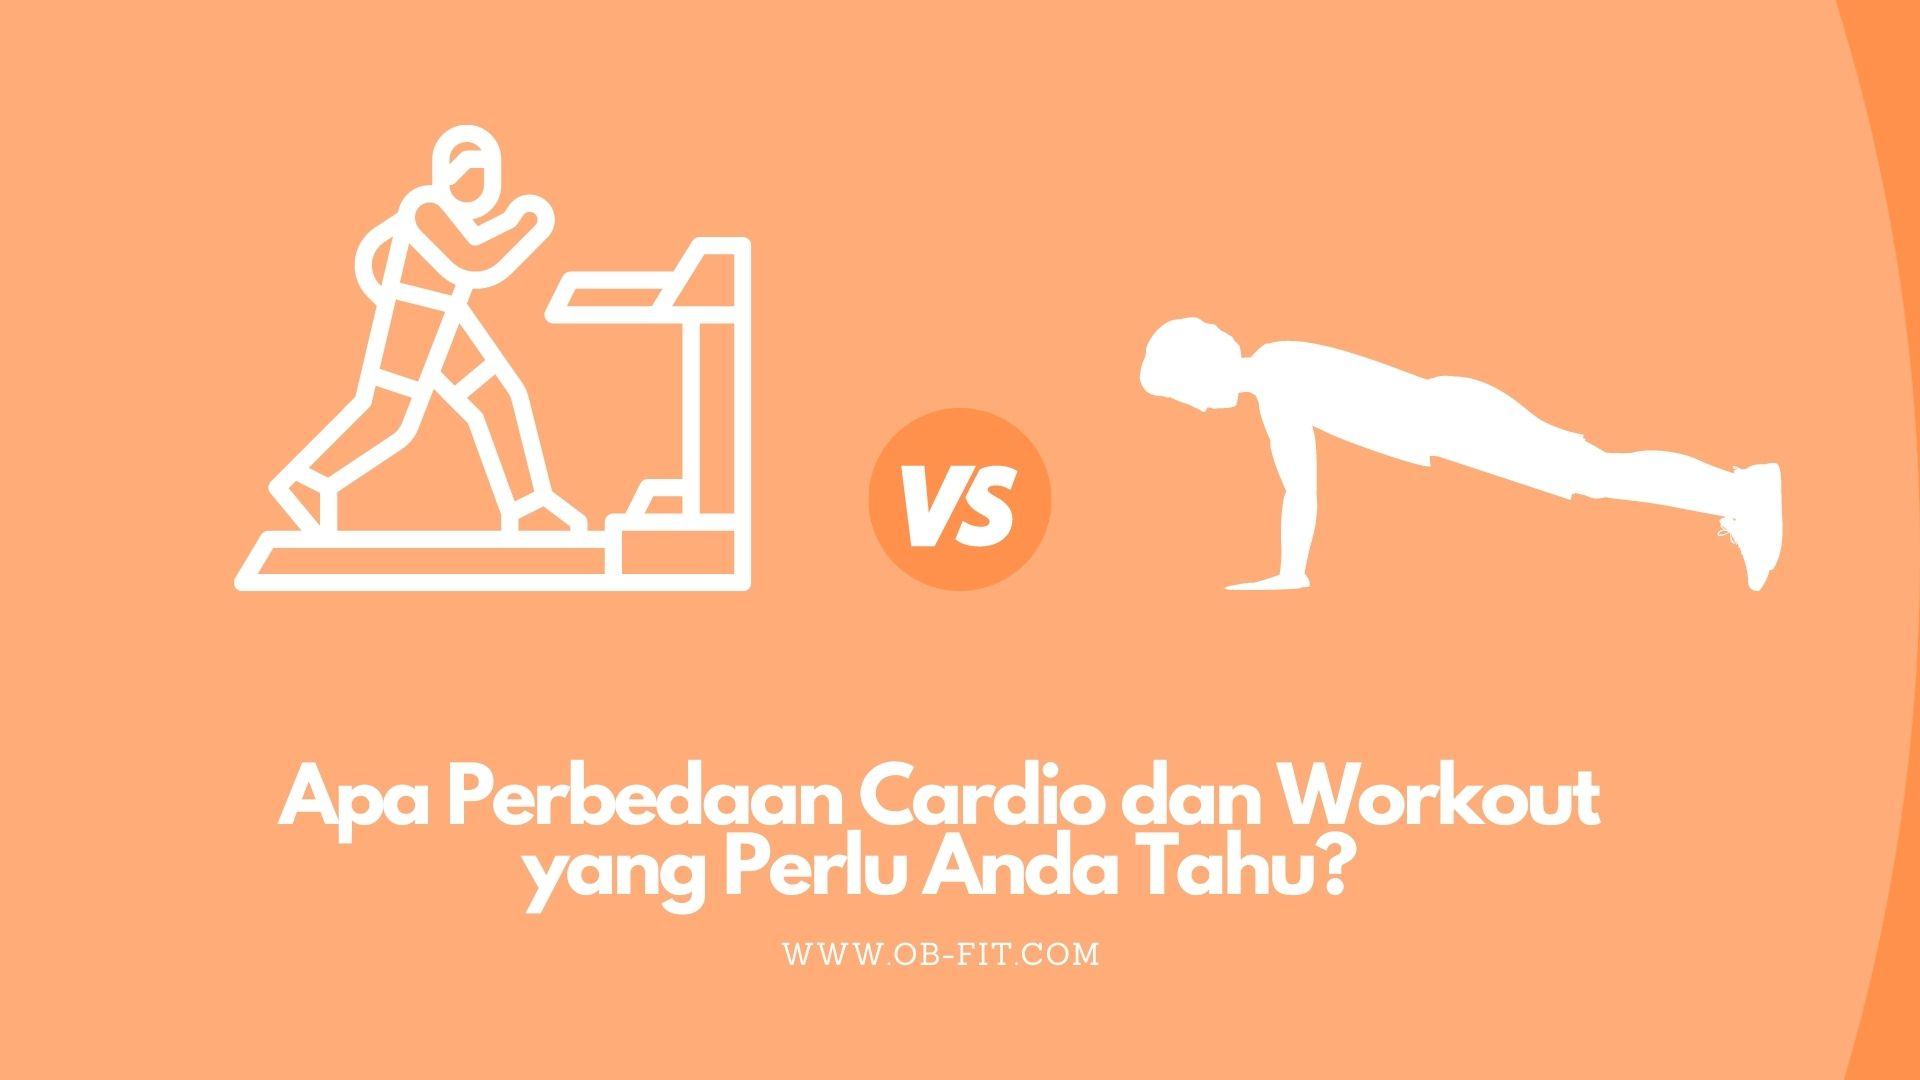 Apa Perbedaan Cardio dan Workout yang Perlu Anda Tahu?